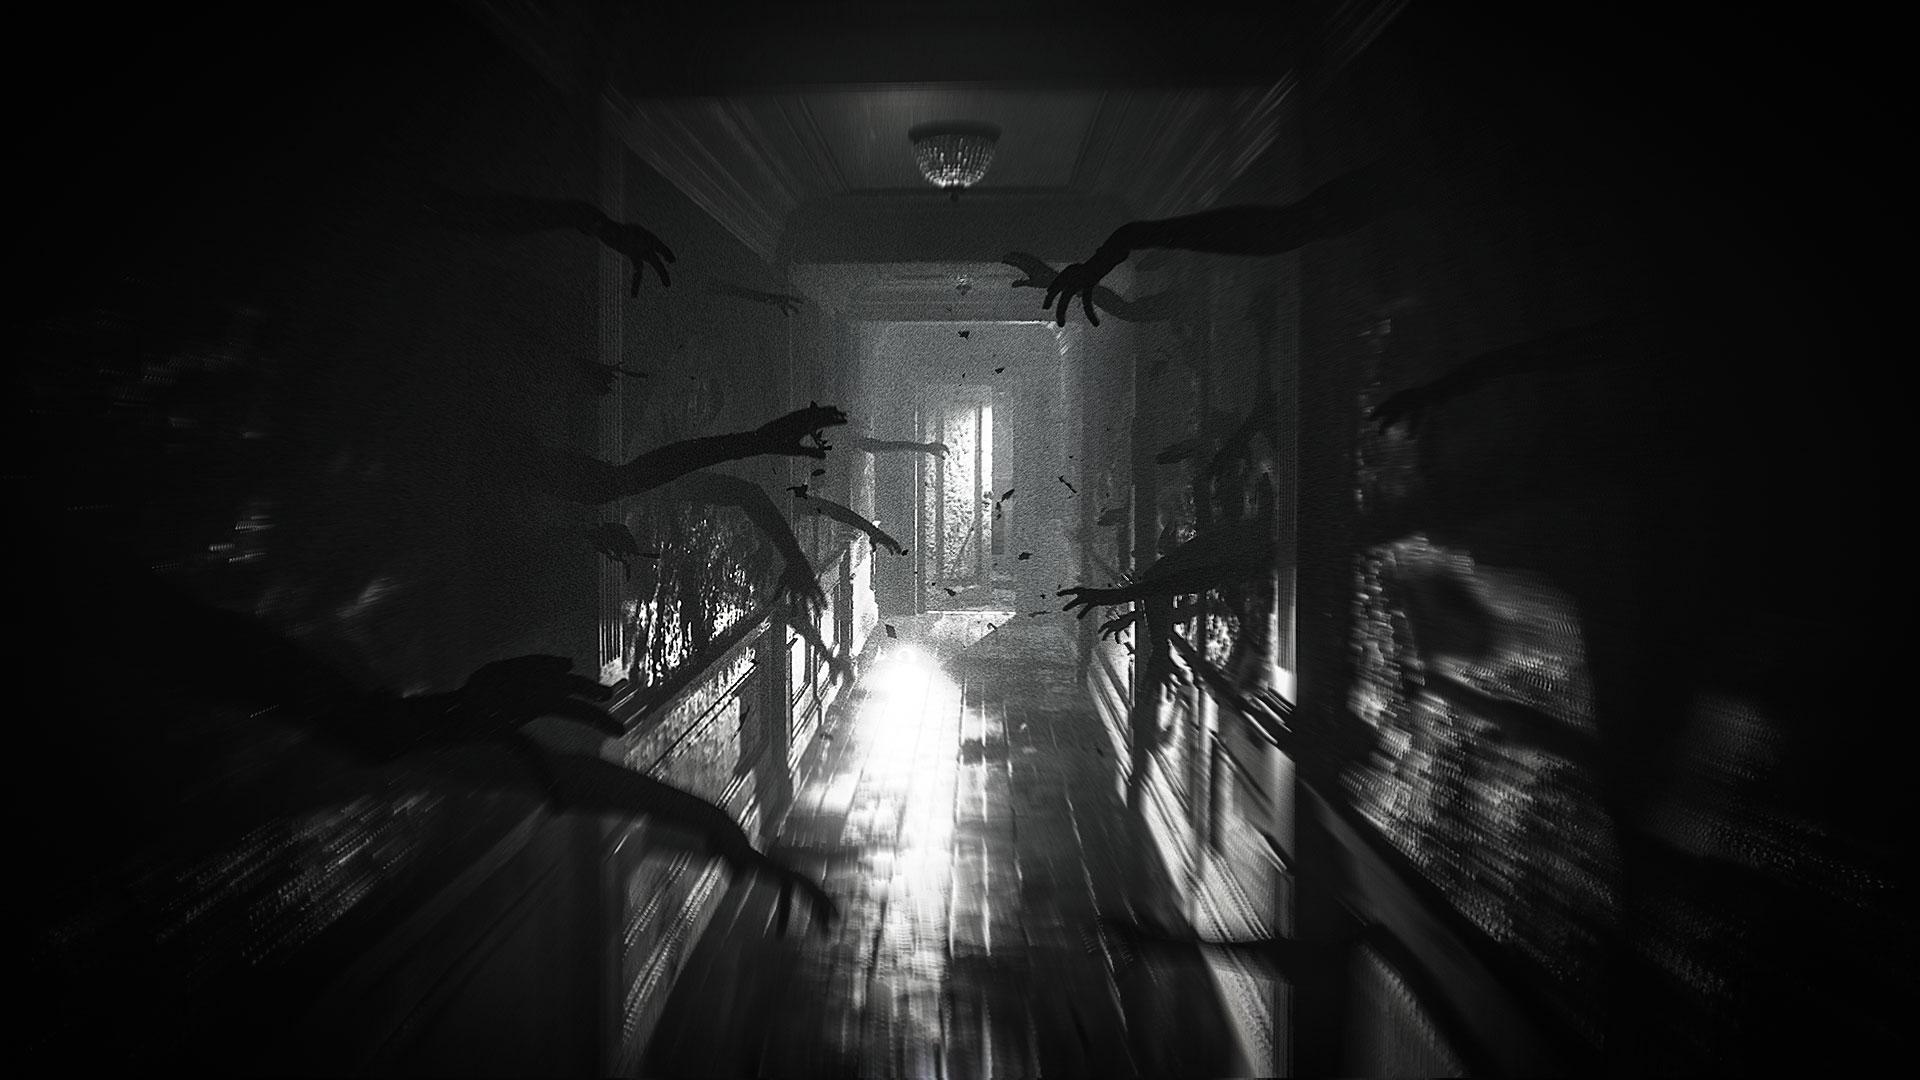 《层层恐惧2》今日正式发售!更疯狂的恐怖体验